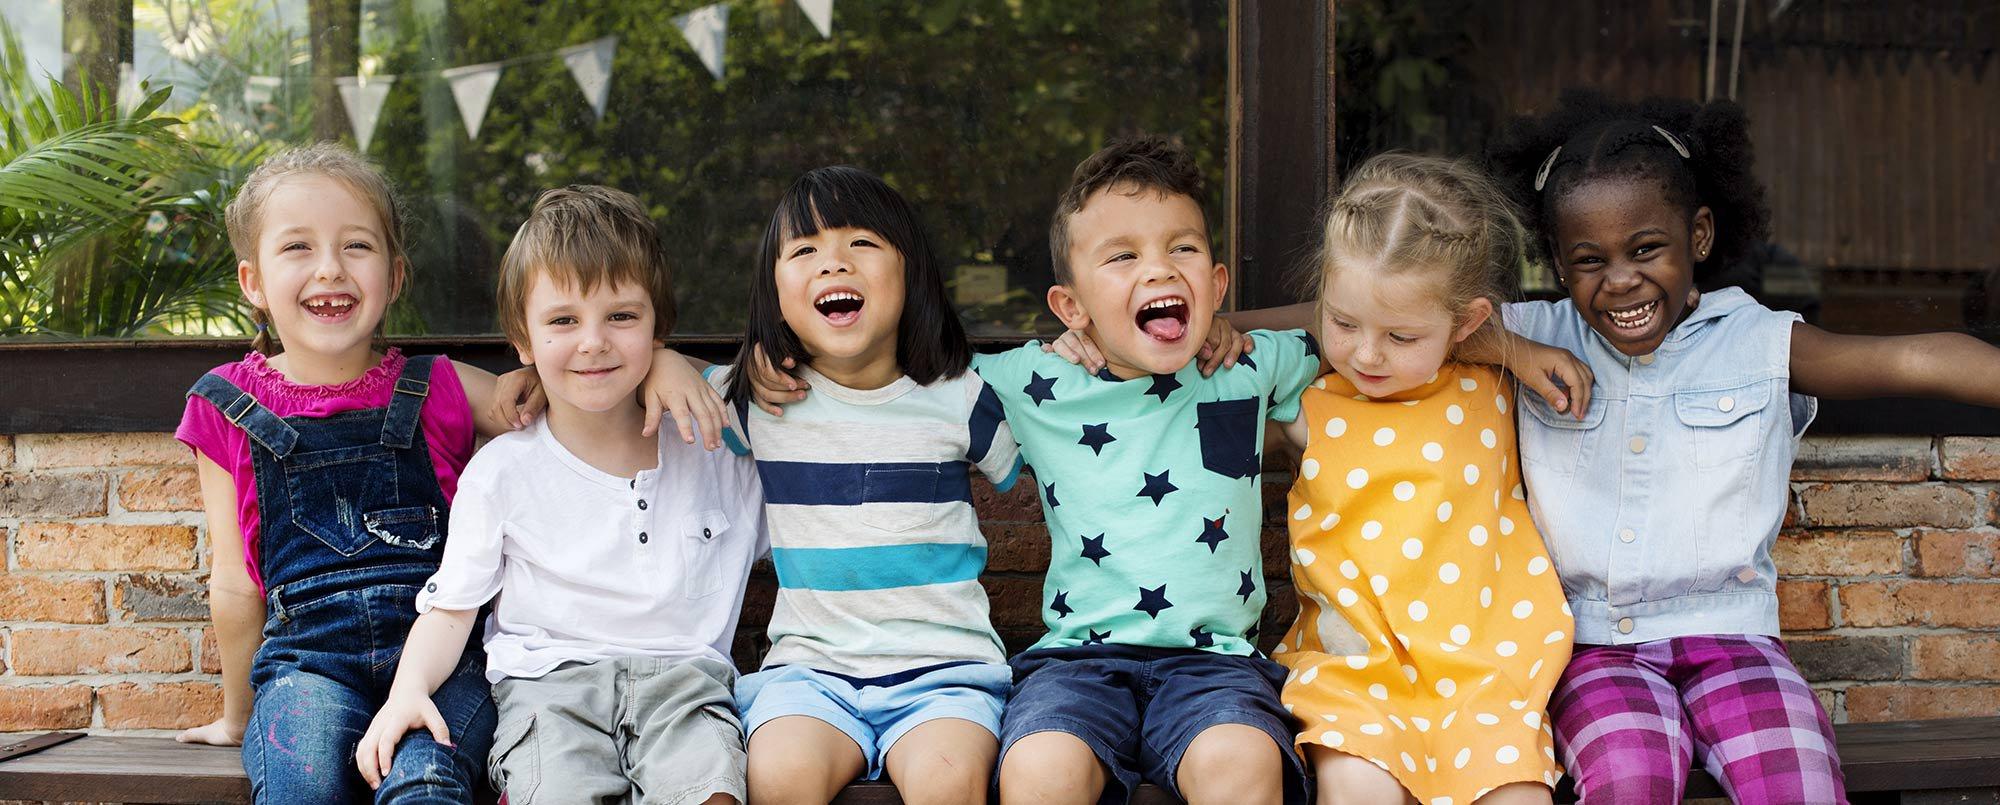 childrens_bg.jpg